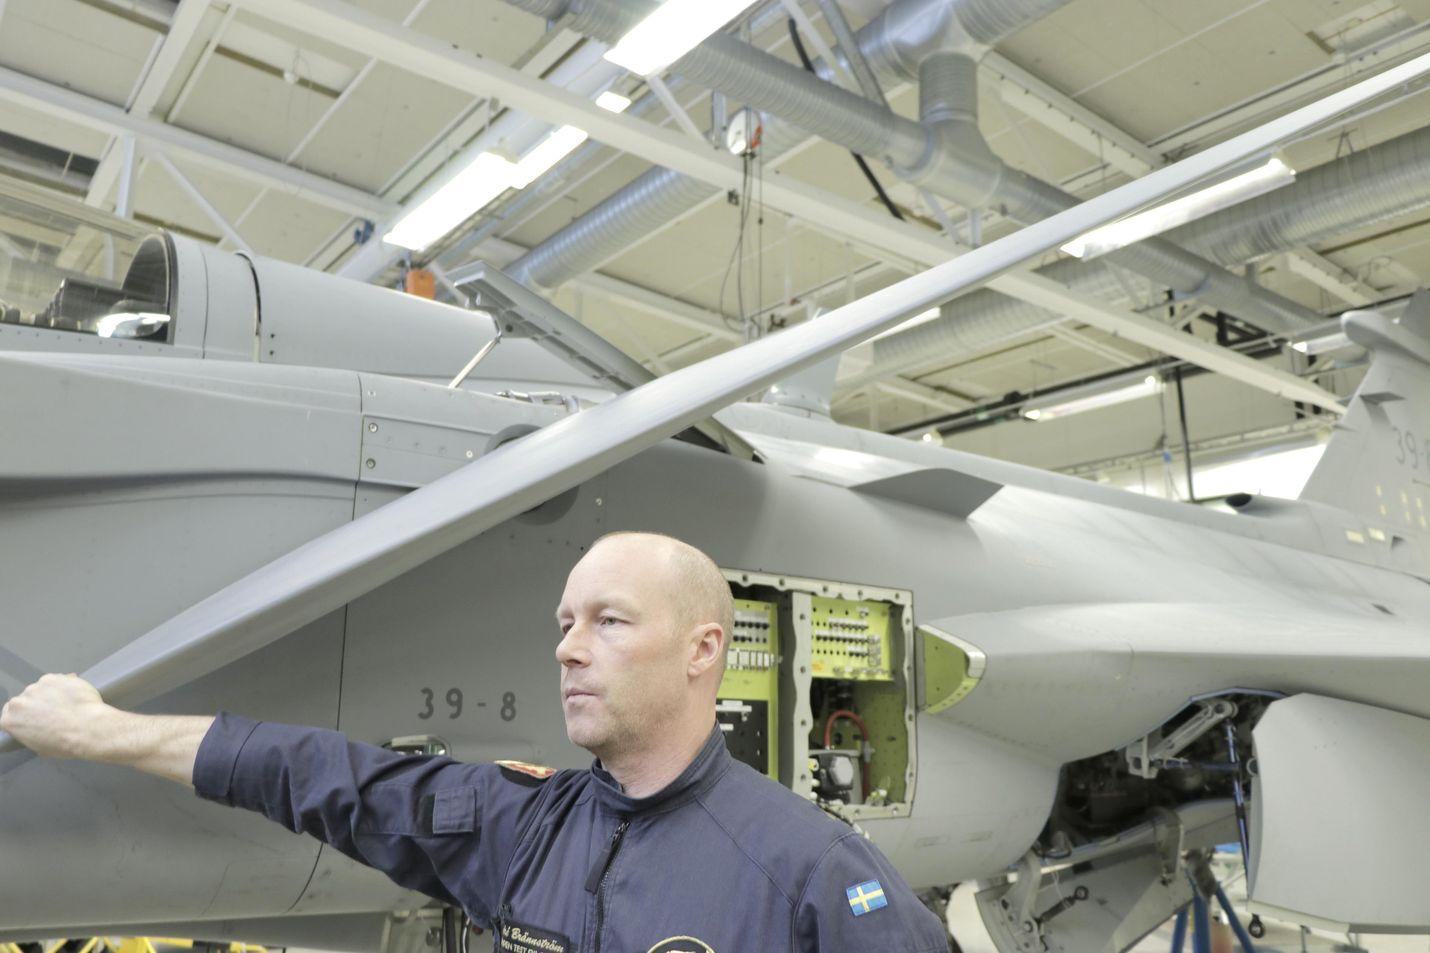 Sää ei ollut huono lentokoneelle, mutta se oli huono testaamisen kannalta. Tuloksien saaminen olisi ollut hankalaa, kertoi Saabin koelentäjä Andre Brännström.